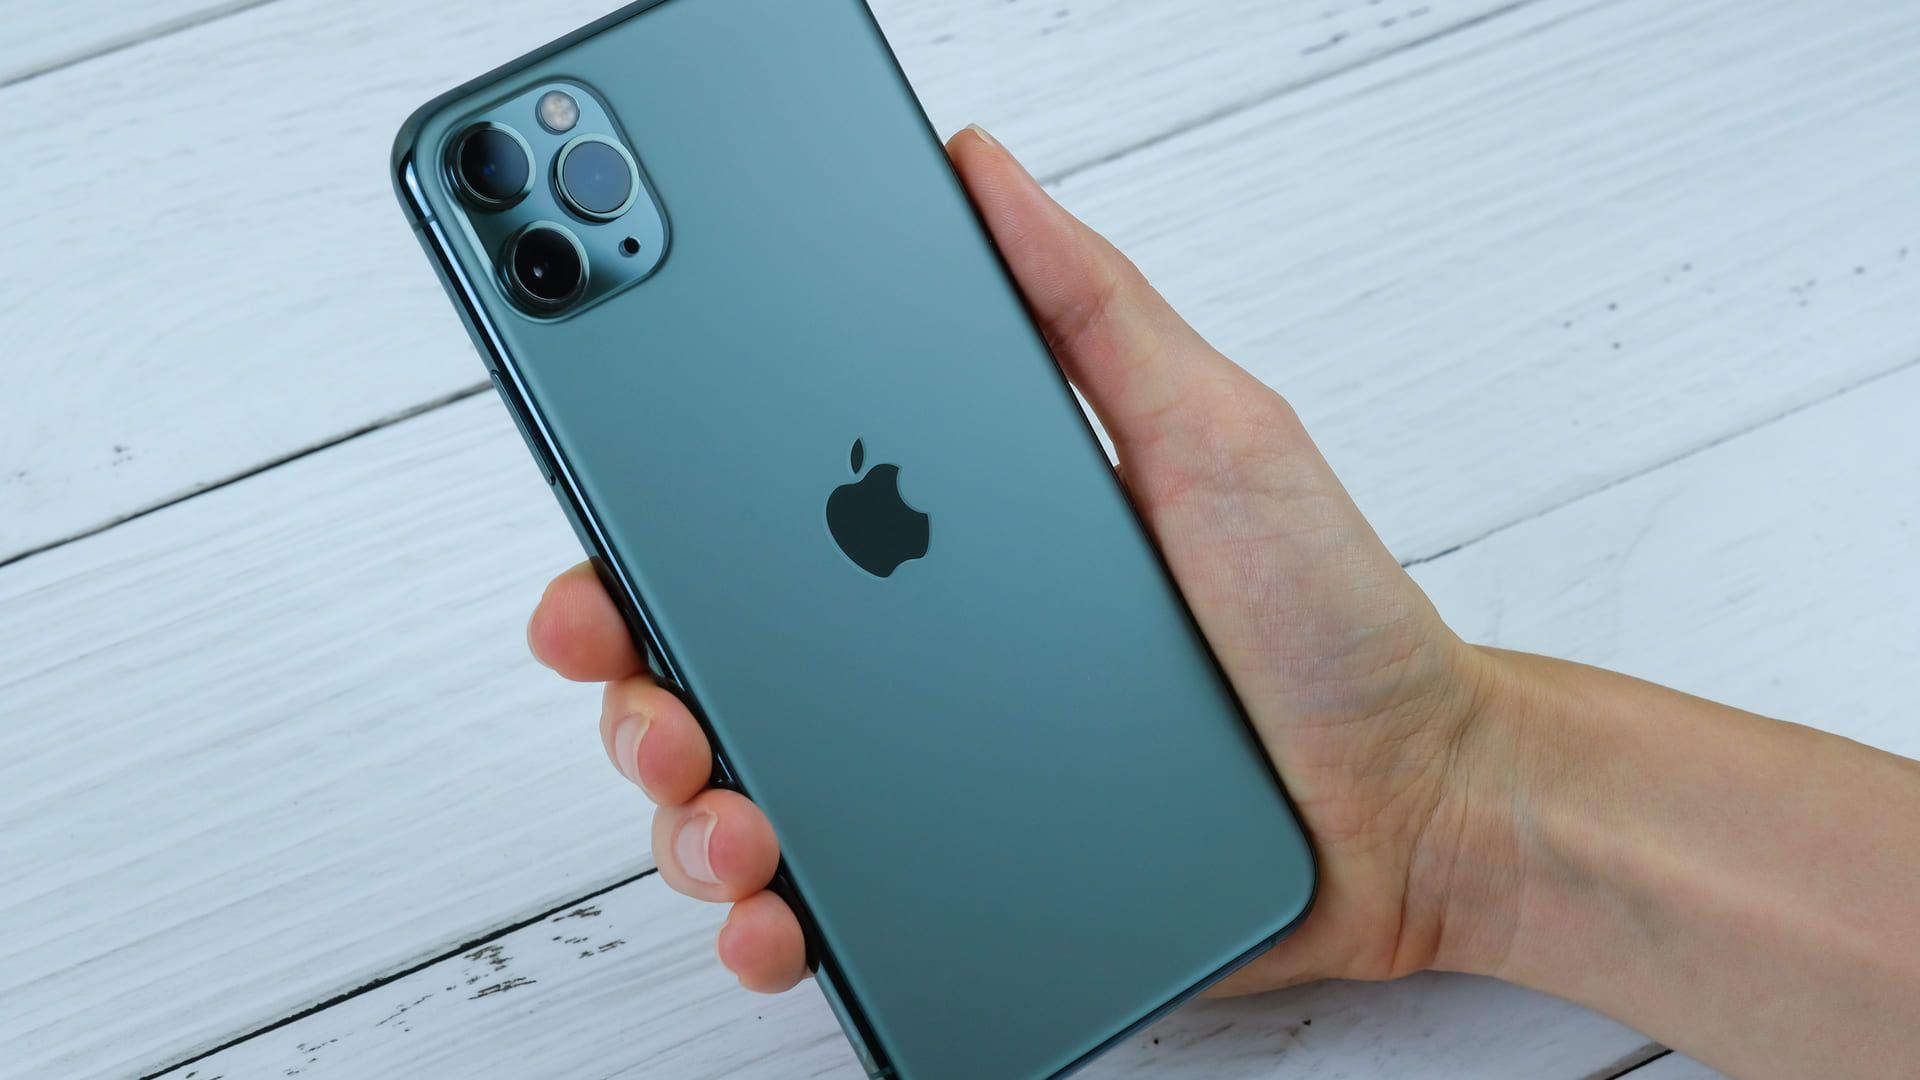 O que é melhor: iPhone ou Android? Para um usuário da maçã, o iOS pode ser a resposta (Foto: NYC Russ / Shutterstock.com)